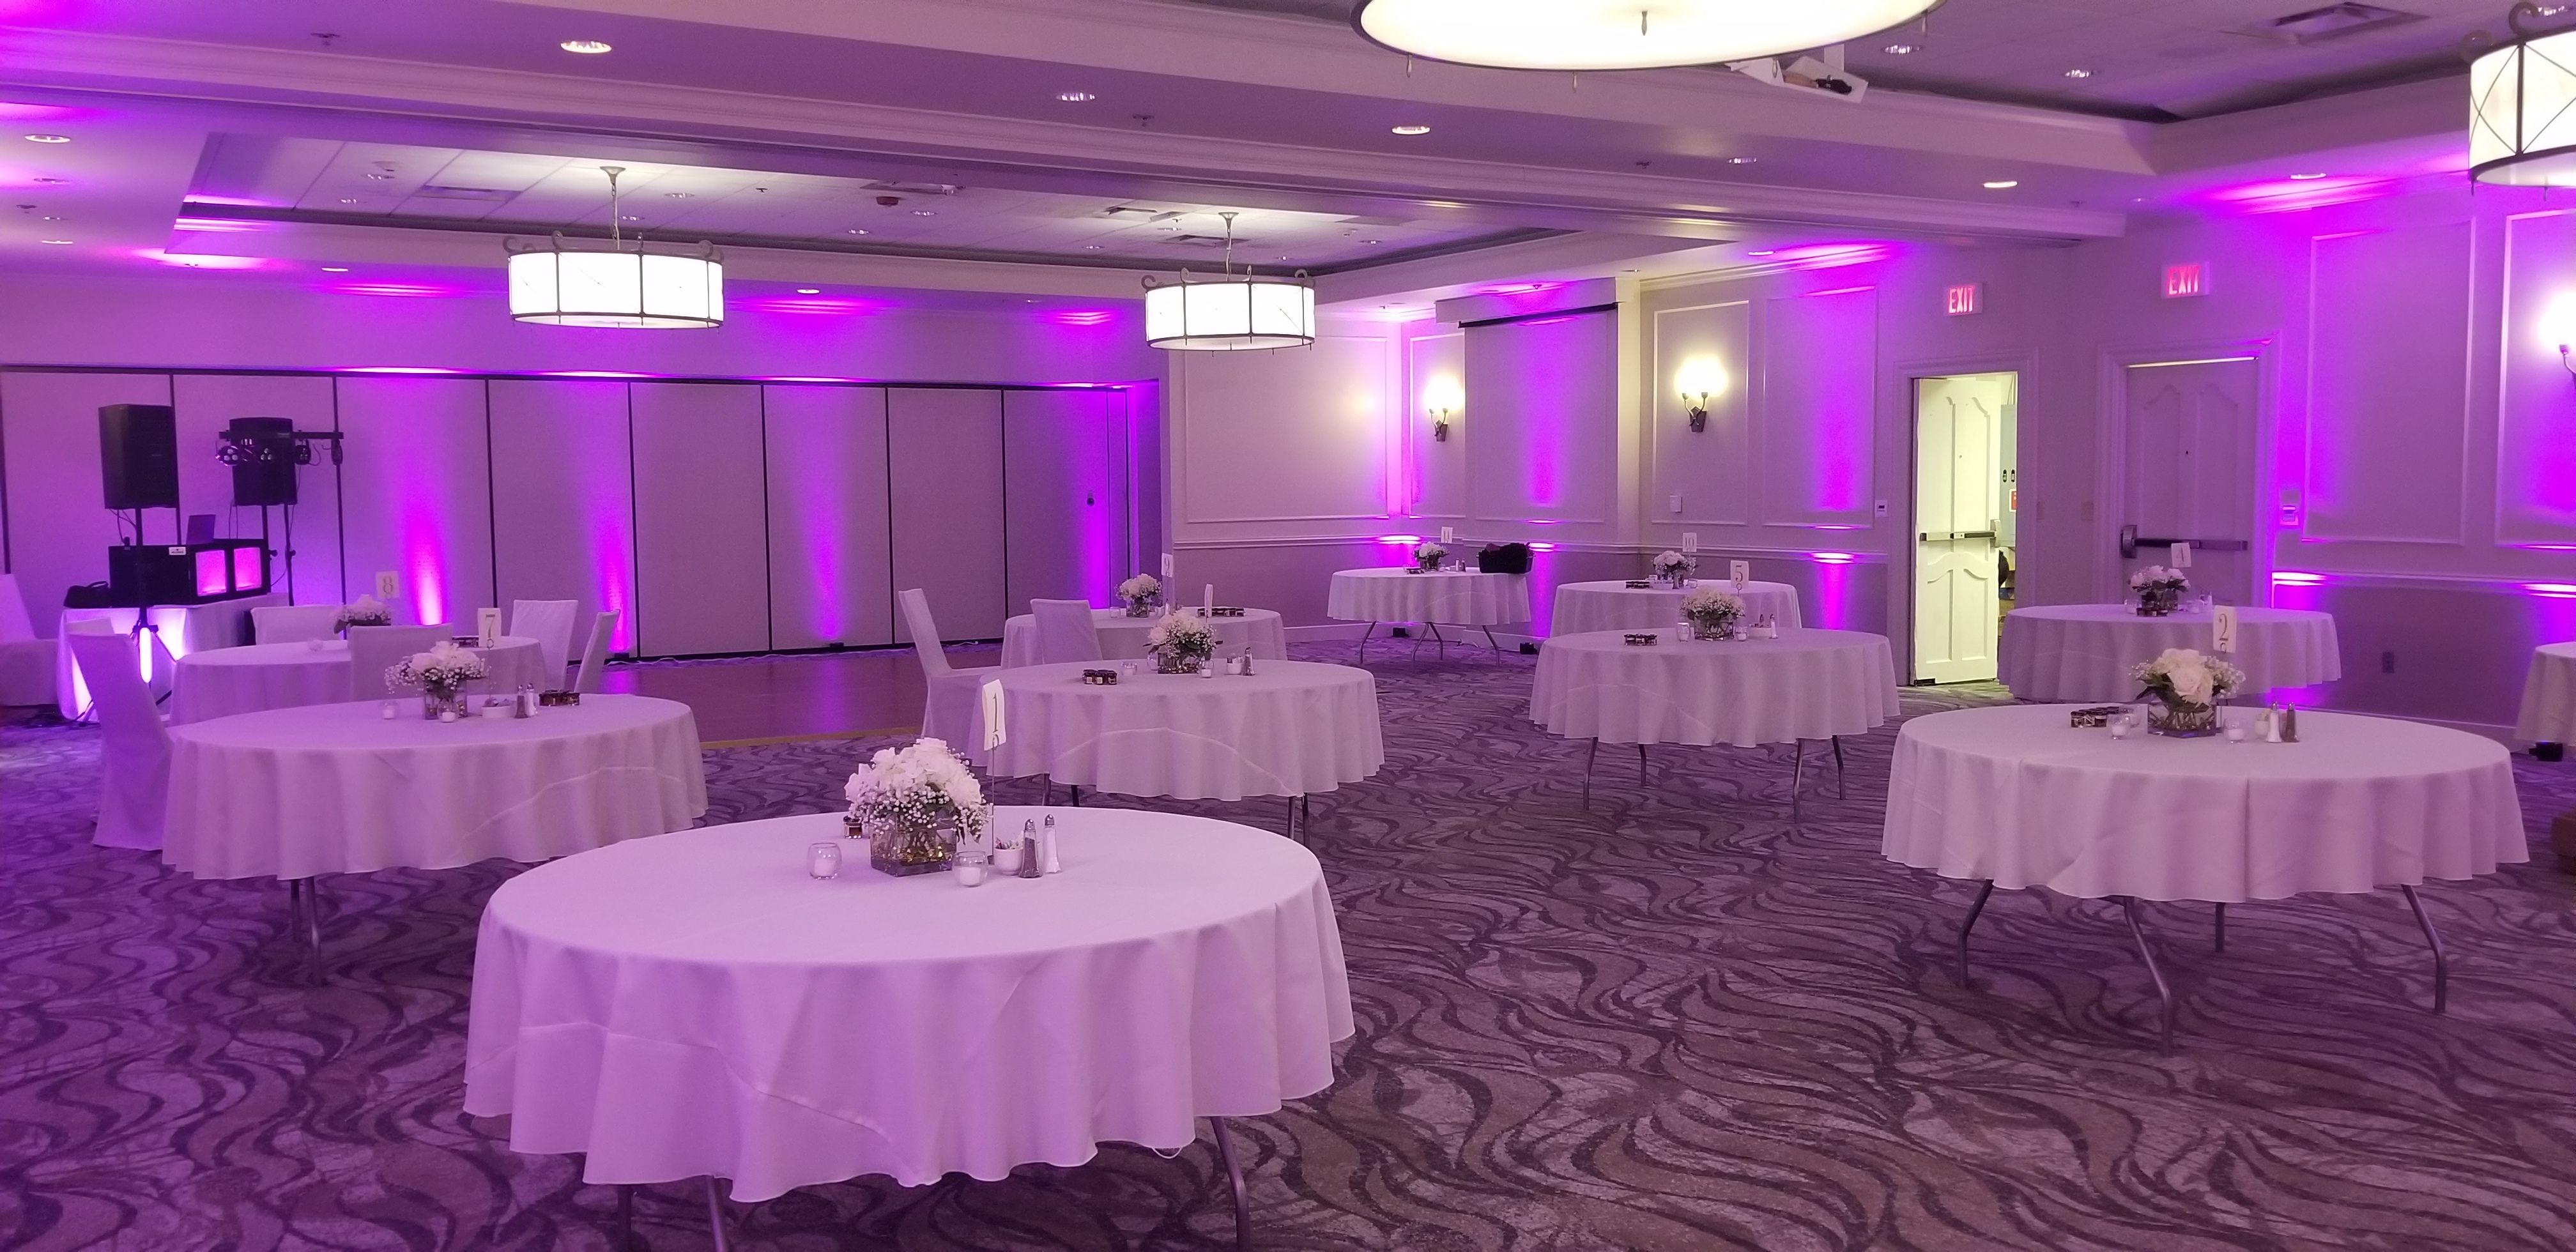 Wedding Uplighting Uplighting Wedding Wedding Reception Rooms Vintage Purple Wedding